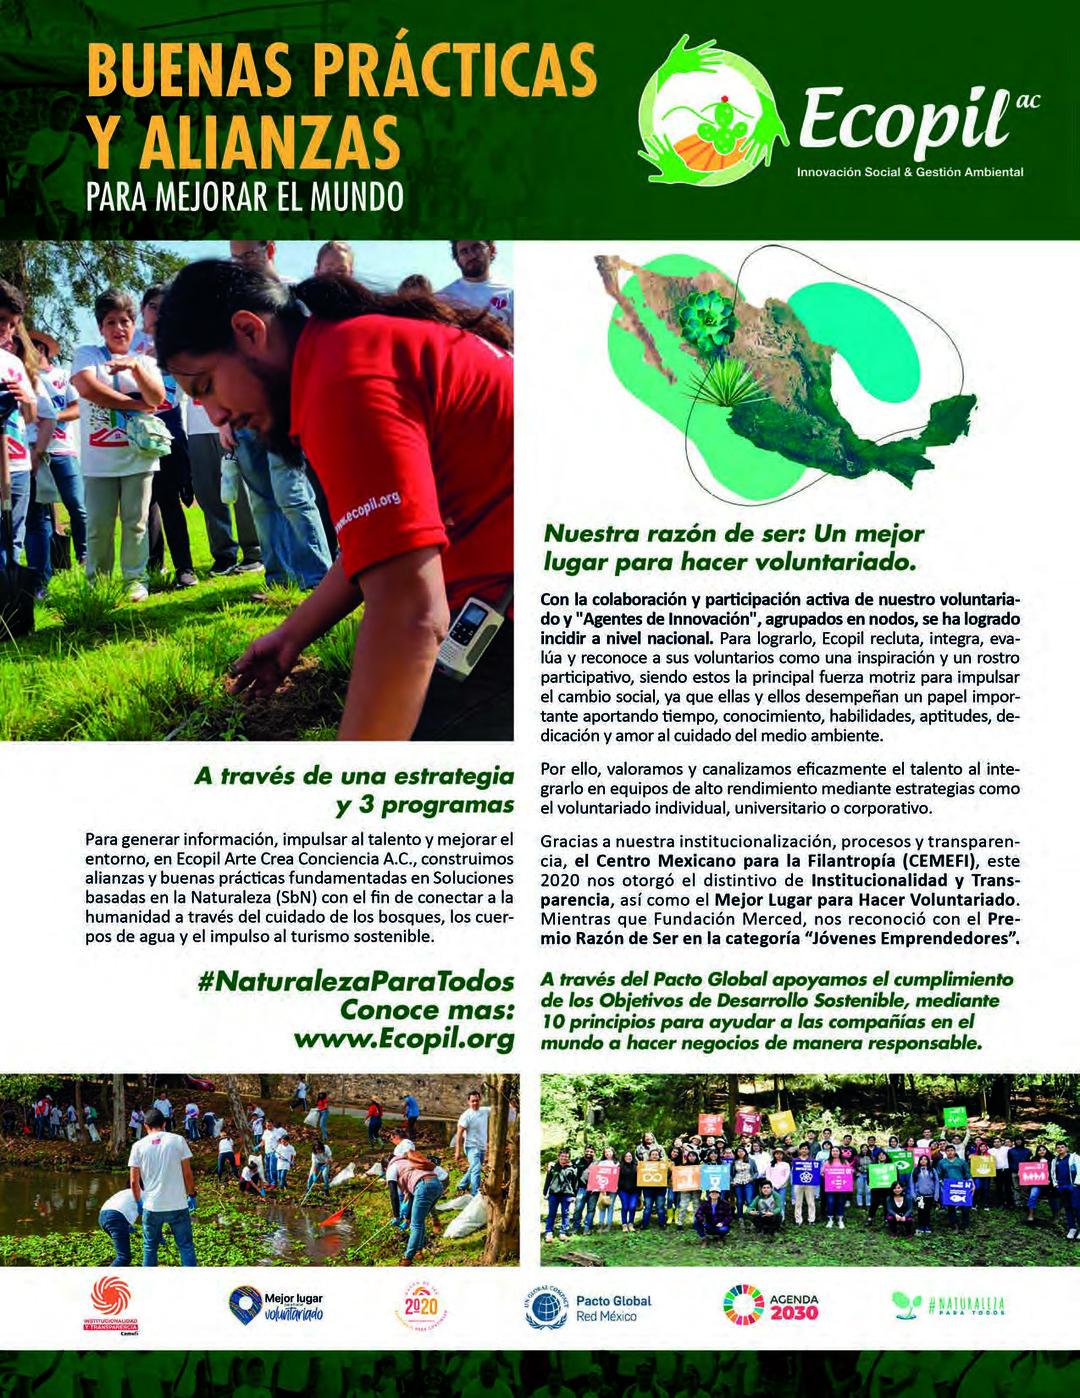 Page 33 of Buenas prácticas y alianzas para mejorar el mundo: Ecopil